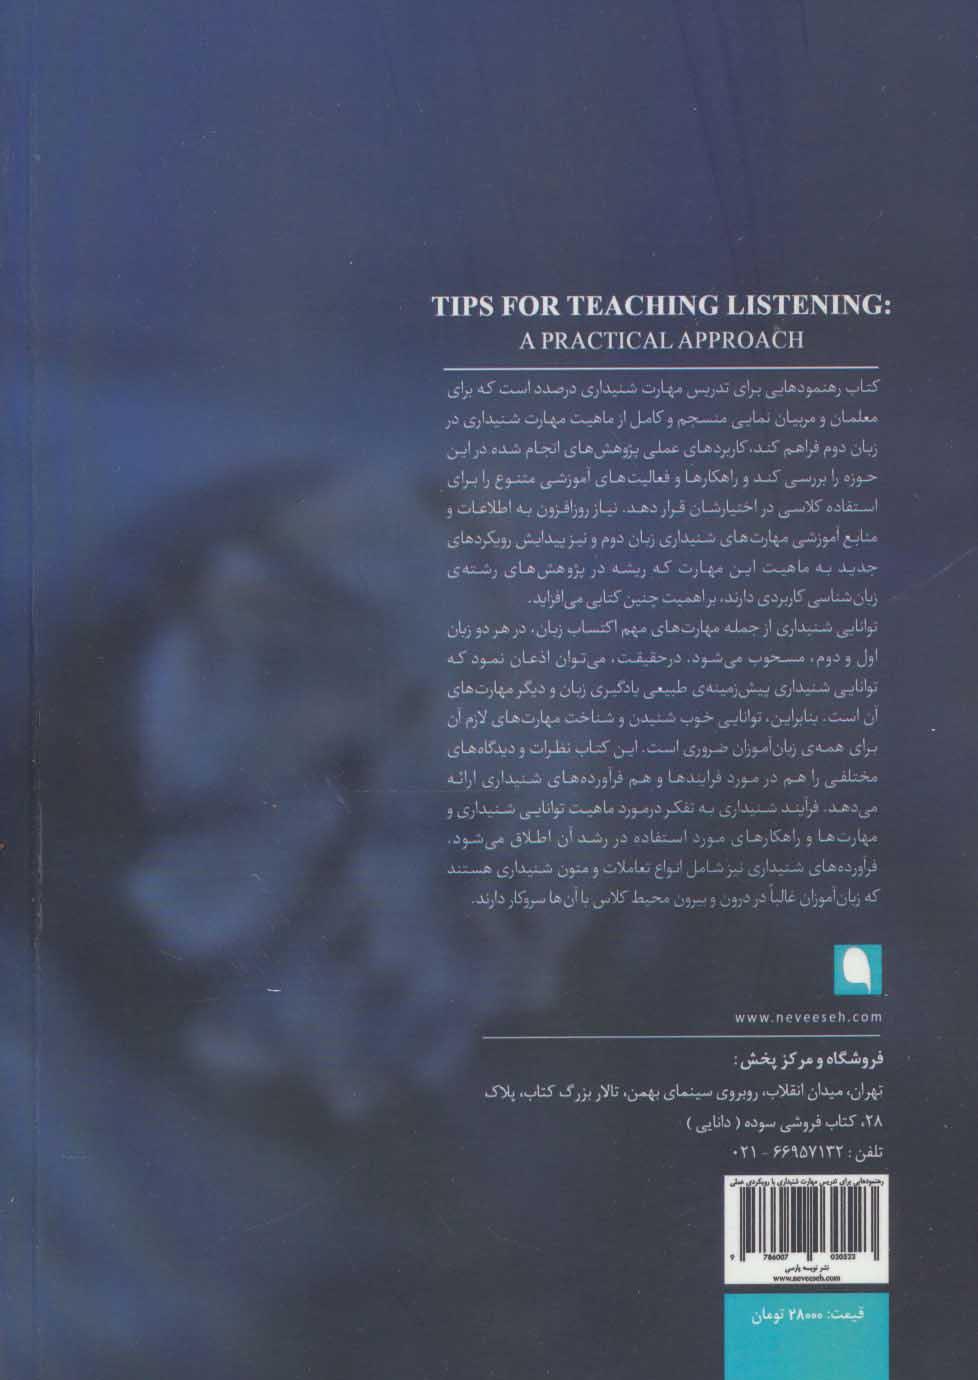 مهارت شنیداری (رهنمودهایی برای تدریس مهارت شنیداری با رویکردی عملی)